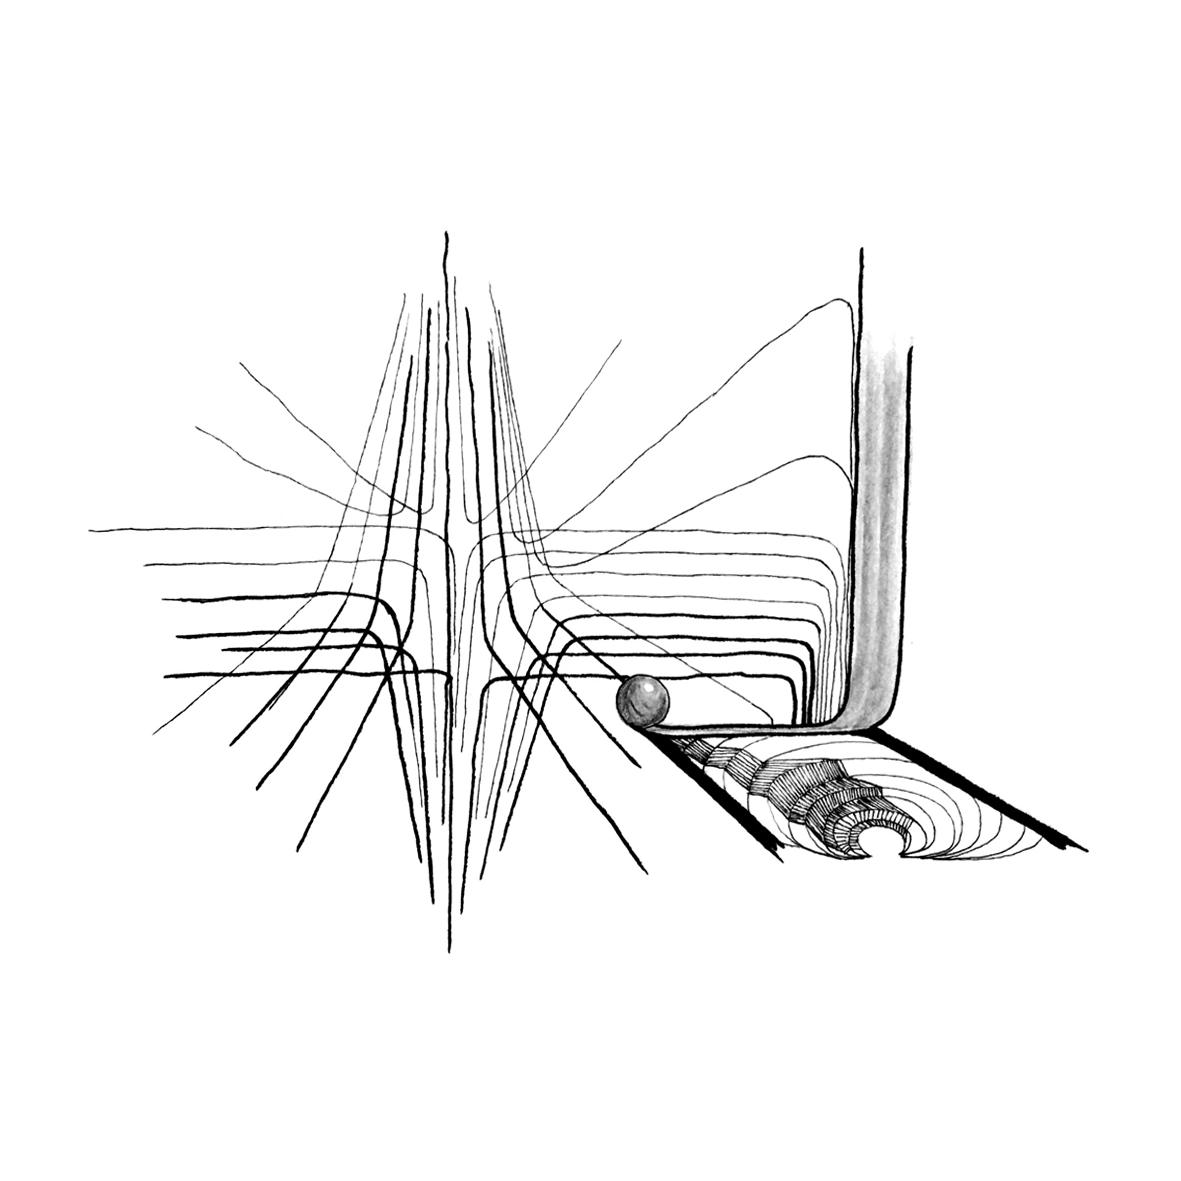 181227_rr_mathPhen_point_angle_cy1_triad_1